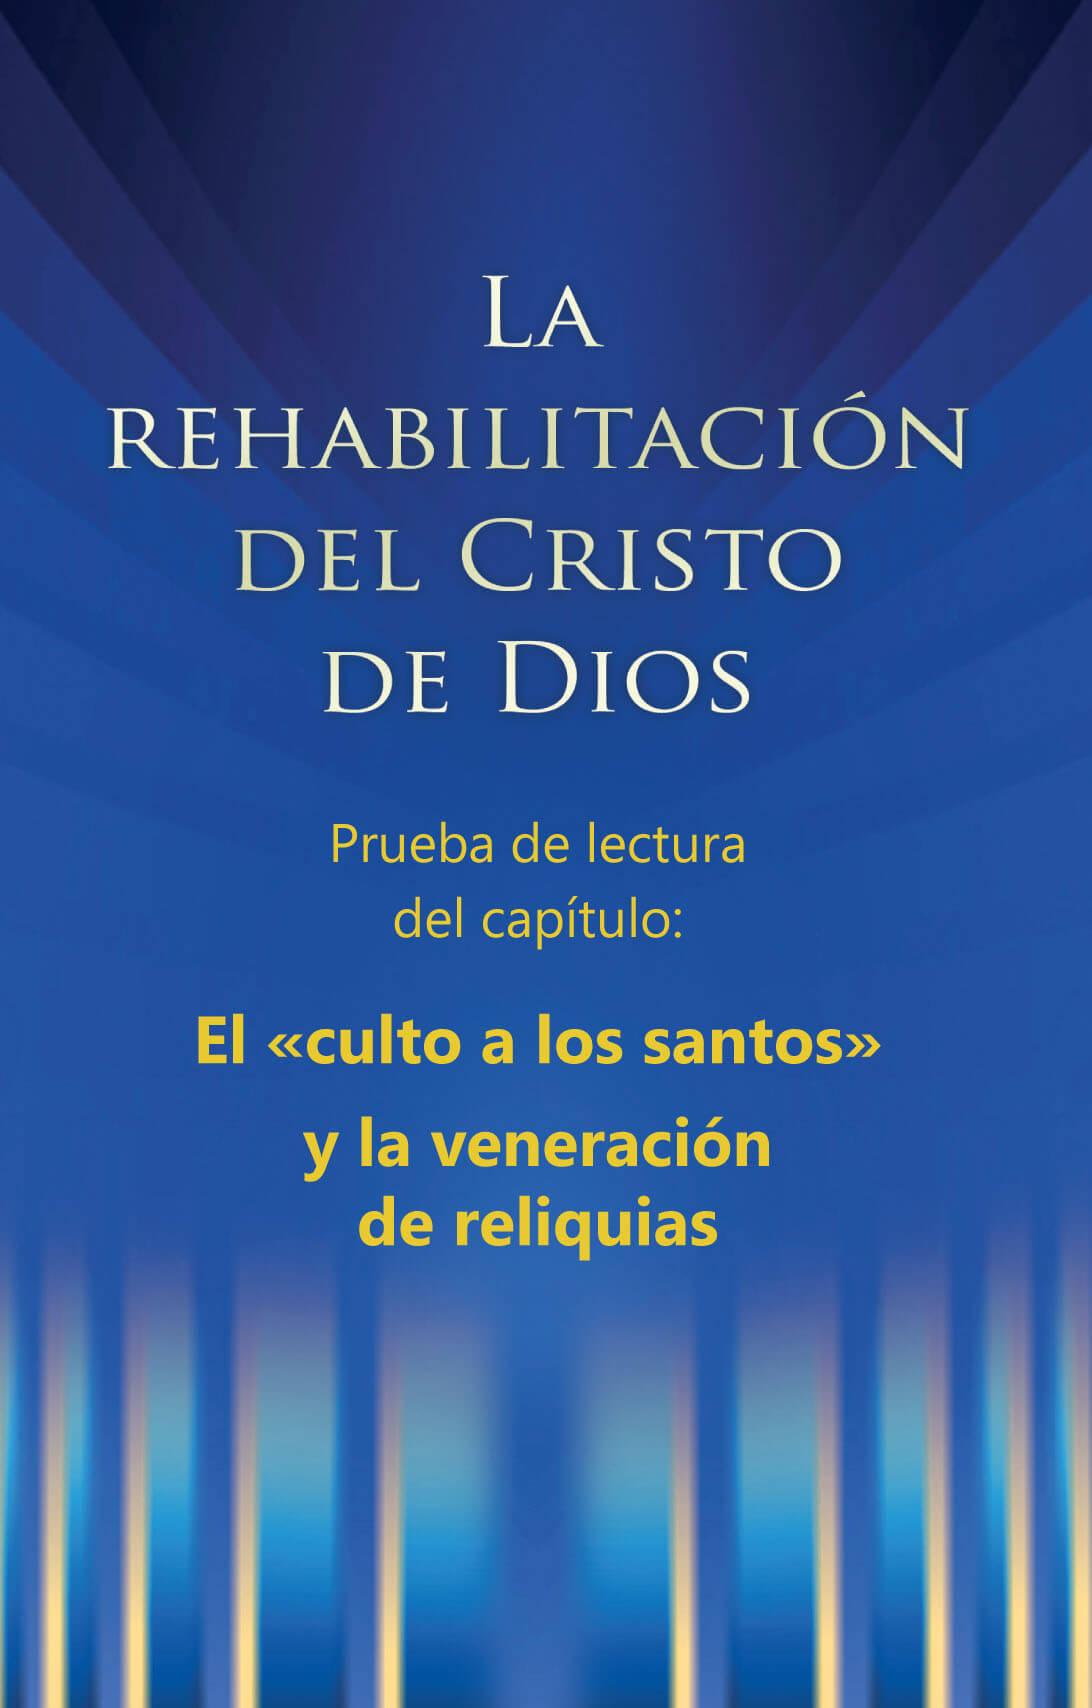 Extracto del capítulo: El «culto a los santos» y la veneración de reliquias